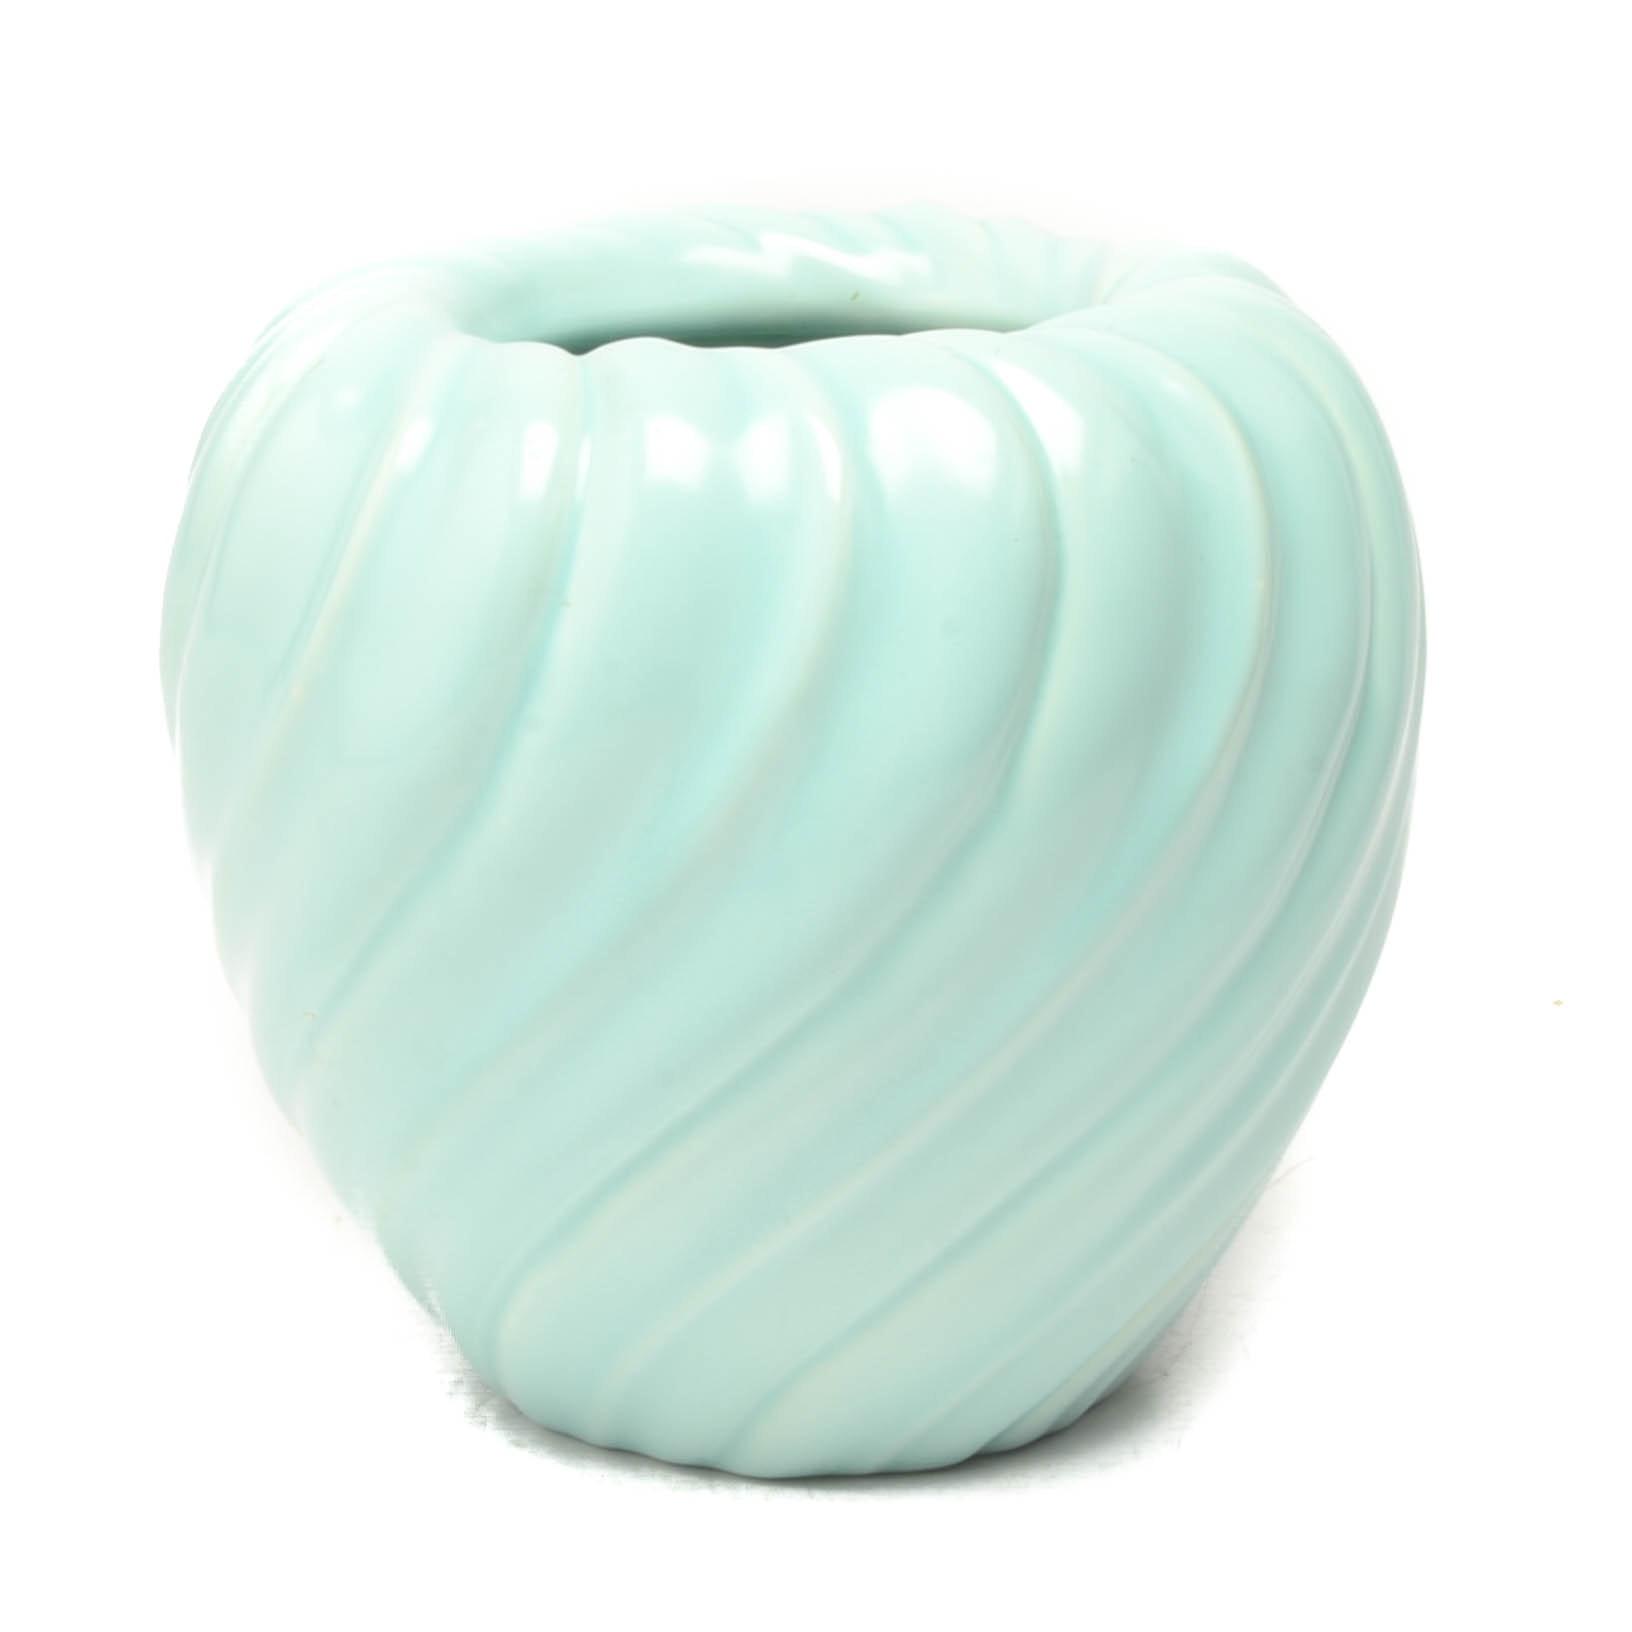 Vintage Franciscan Ware Art Pottery Vase